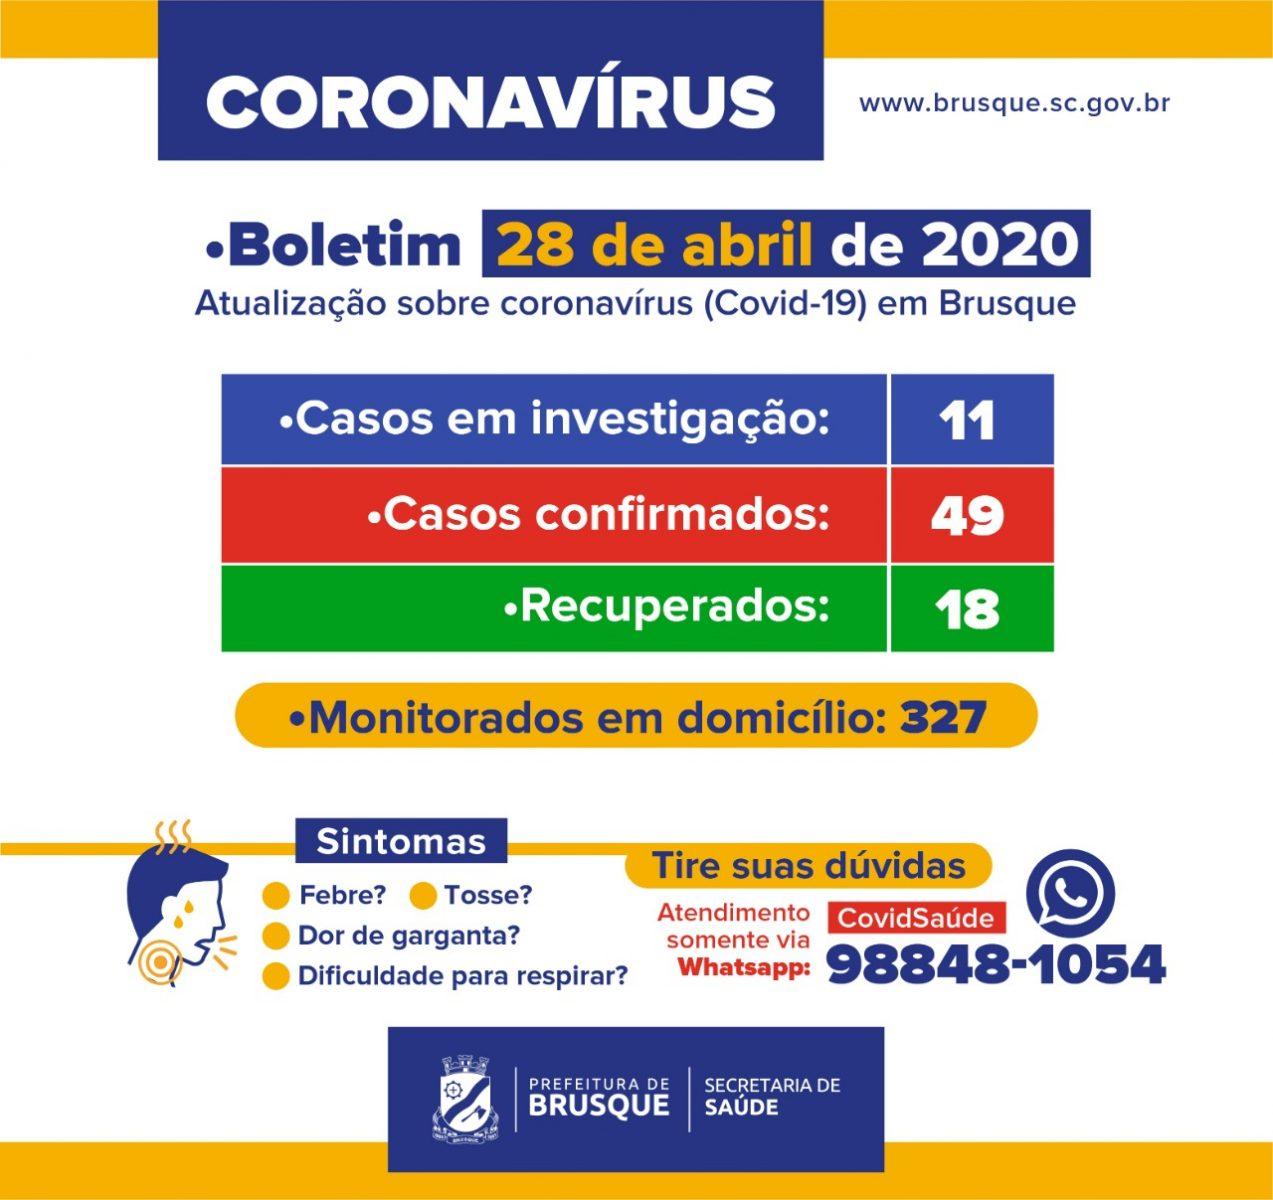 Brusque tem 49 casos confirmados do novo coronavírus